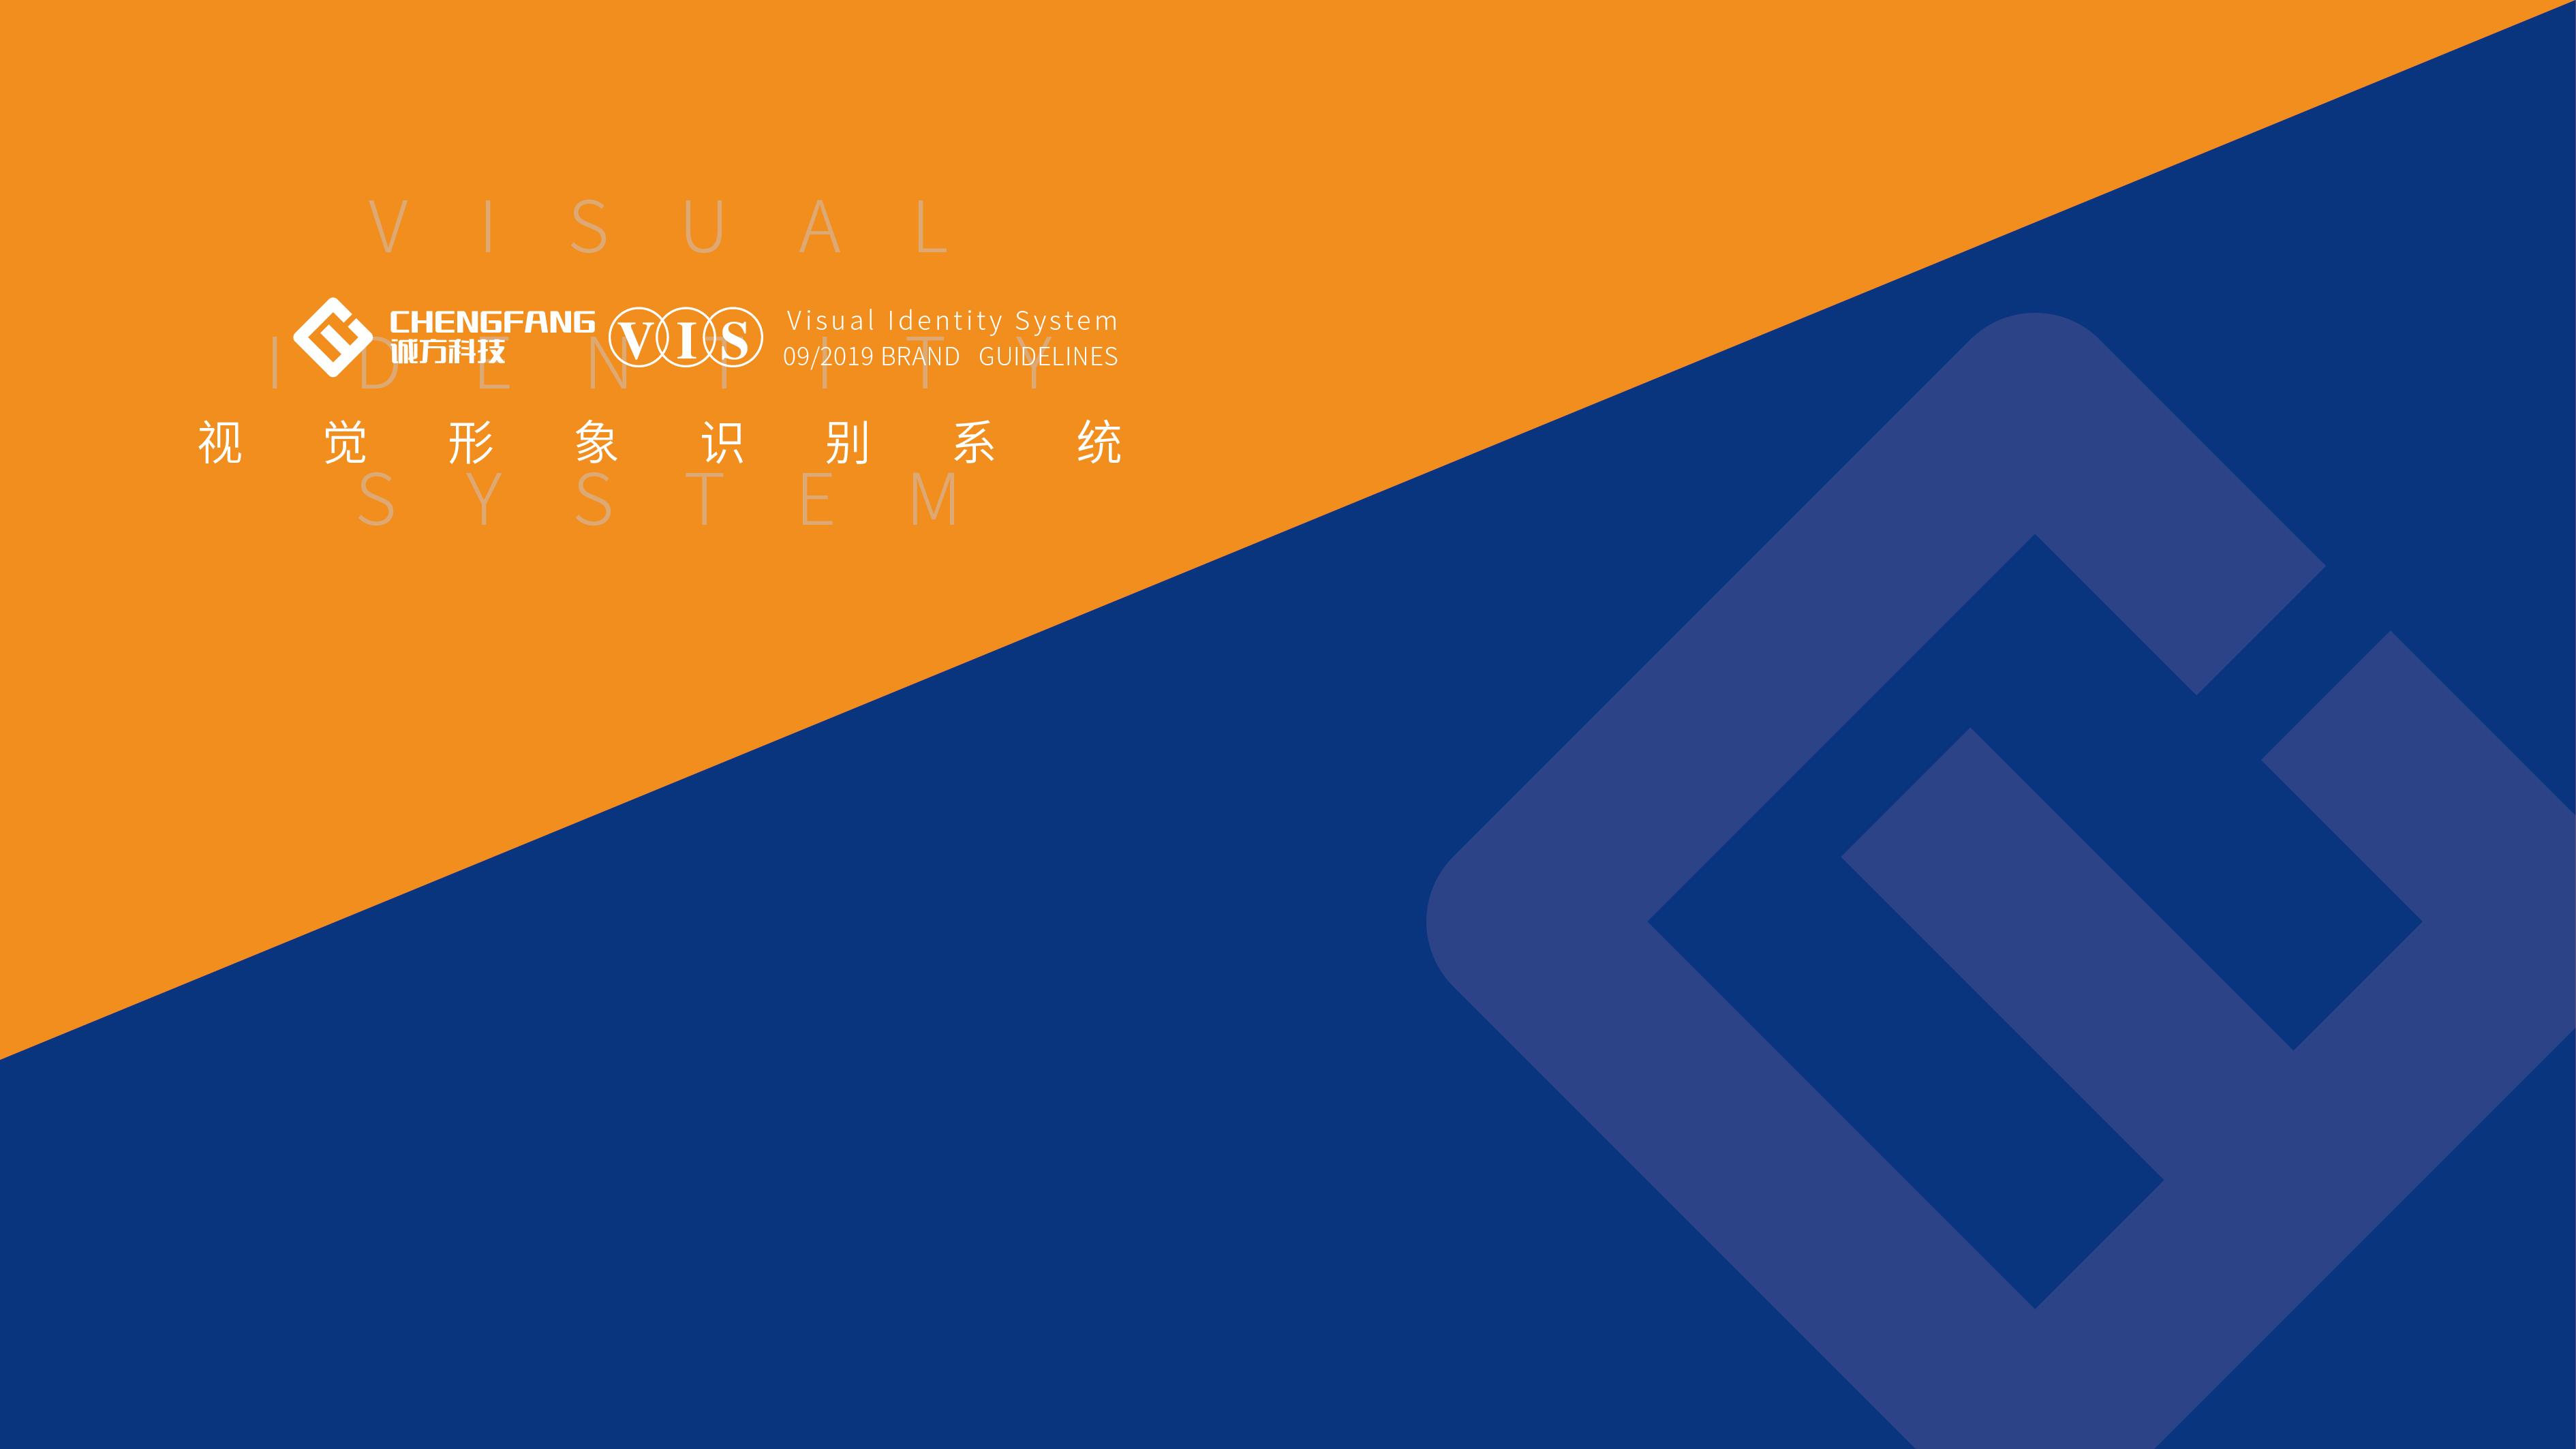 誠方互聯網公司VI設計